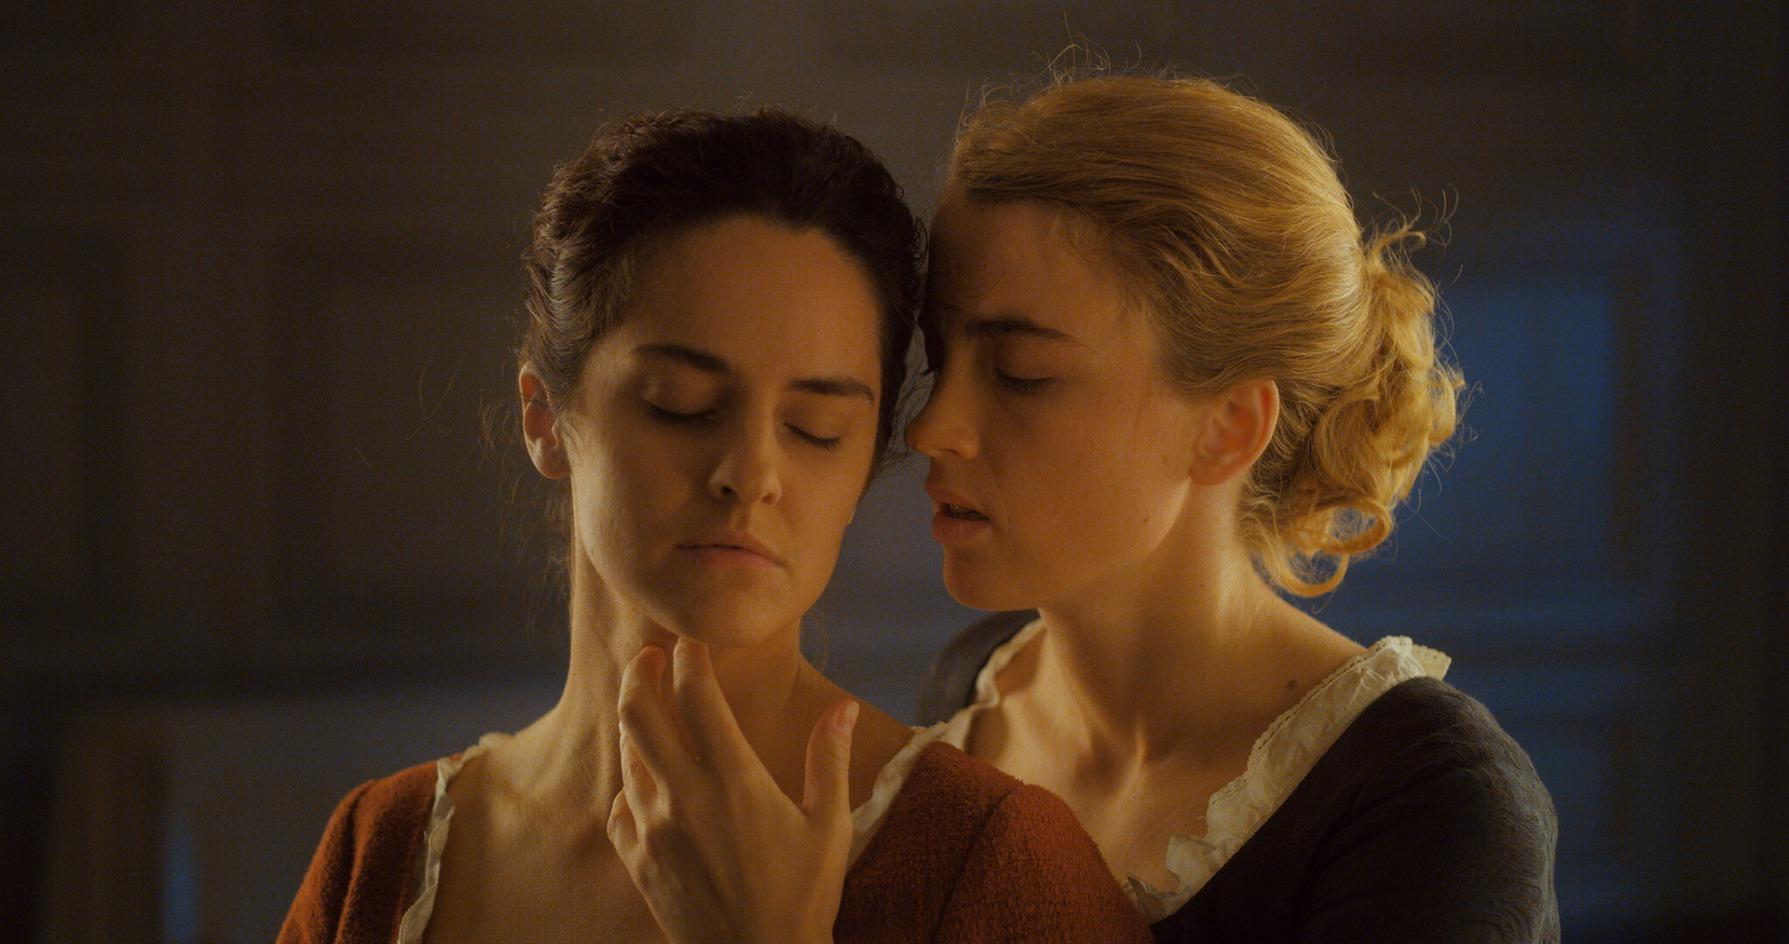 Cena em que Helóise, de olhos fechados e atrás de Marianne, também de olhos fechados, toca o queixo da pintora